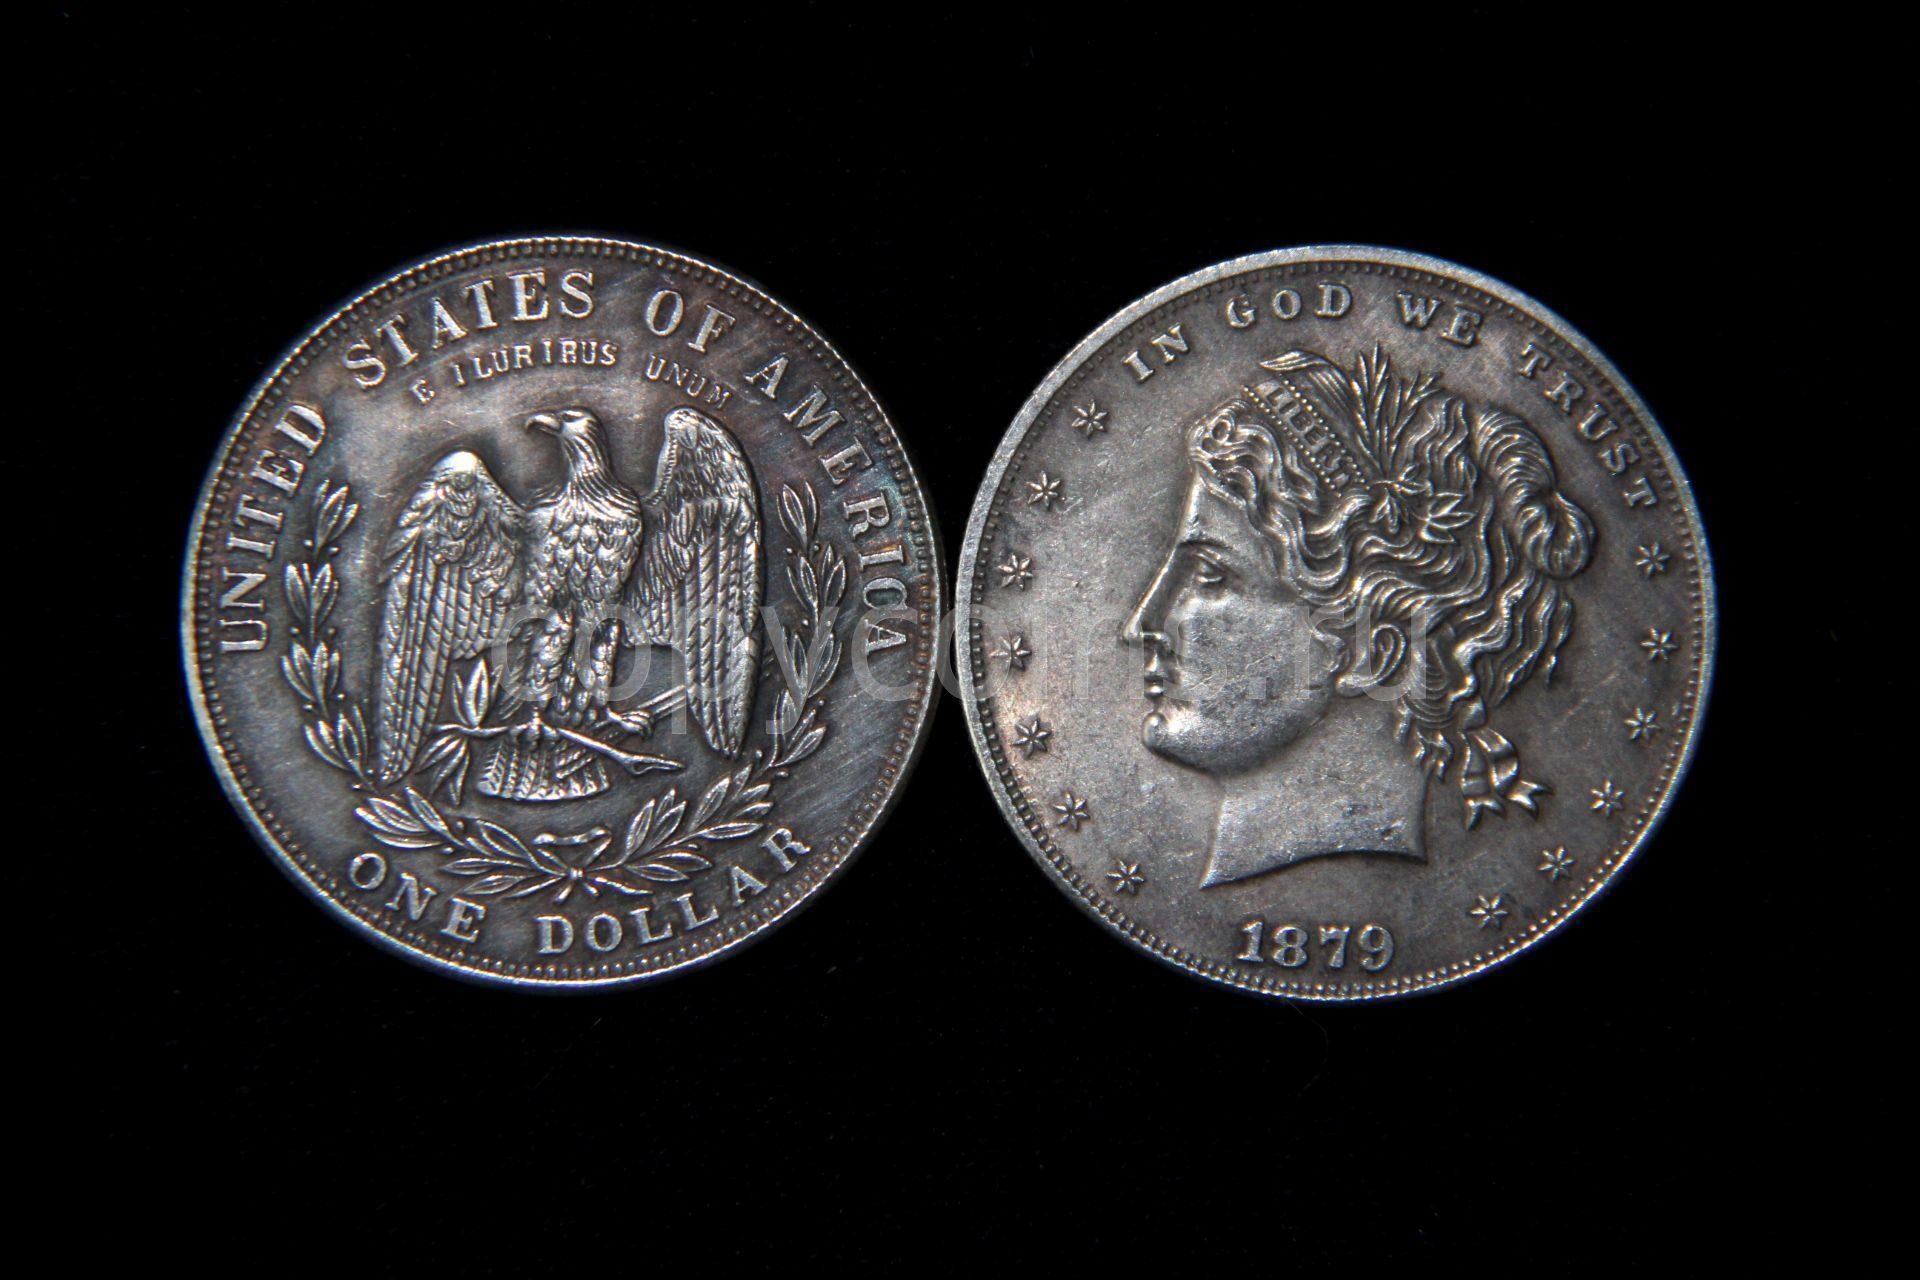 one dollar coin 1879 e pluribus unum